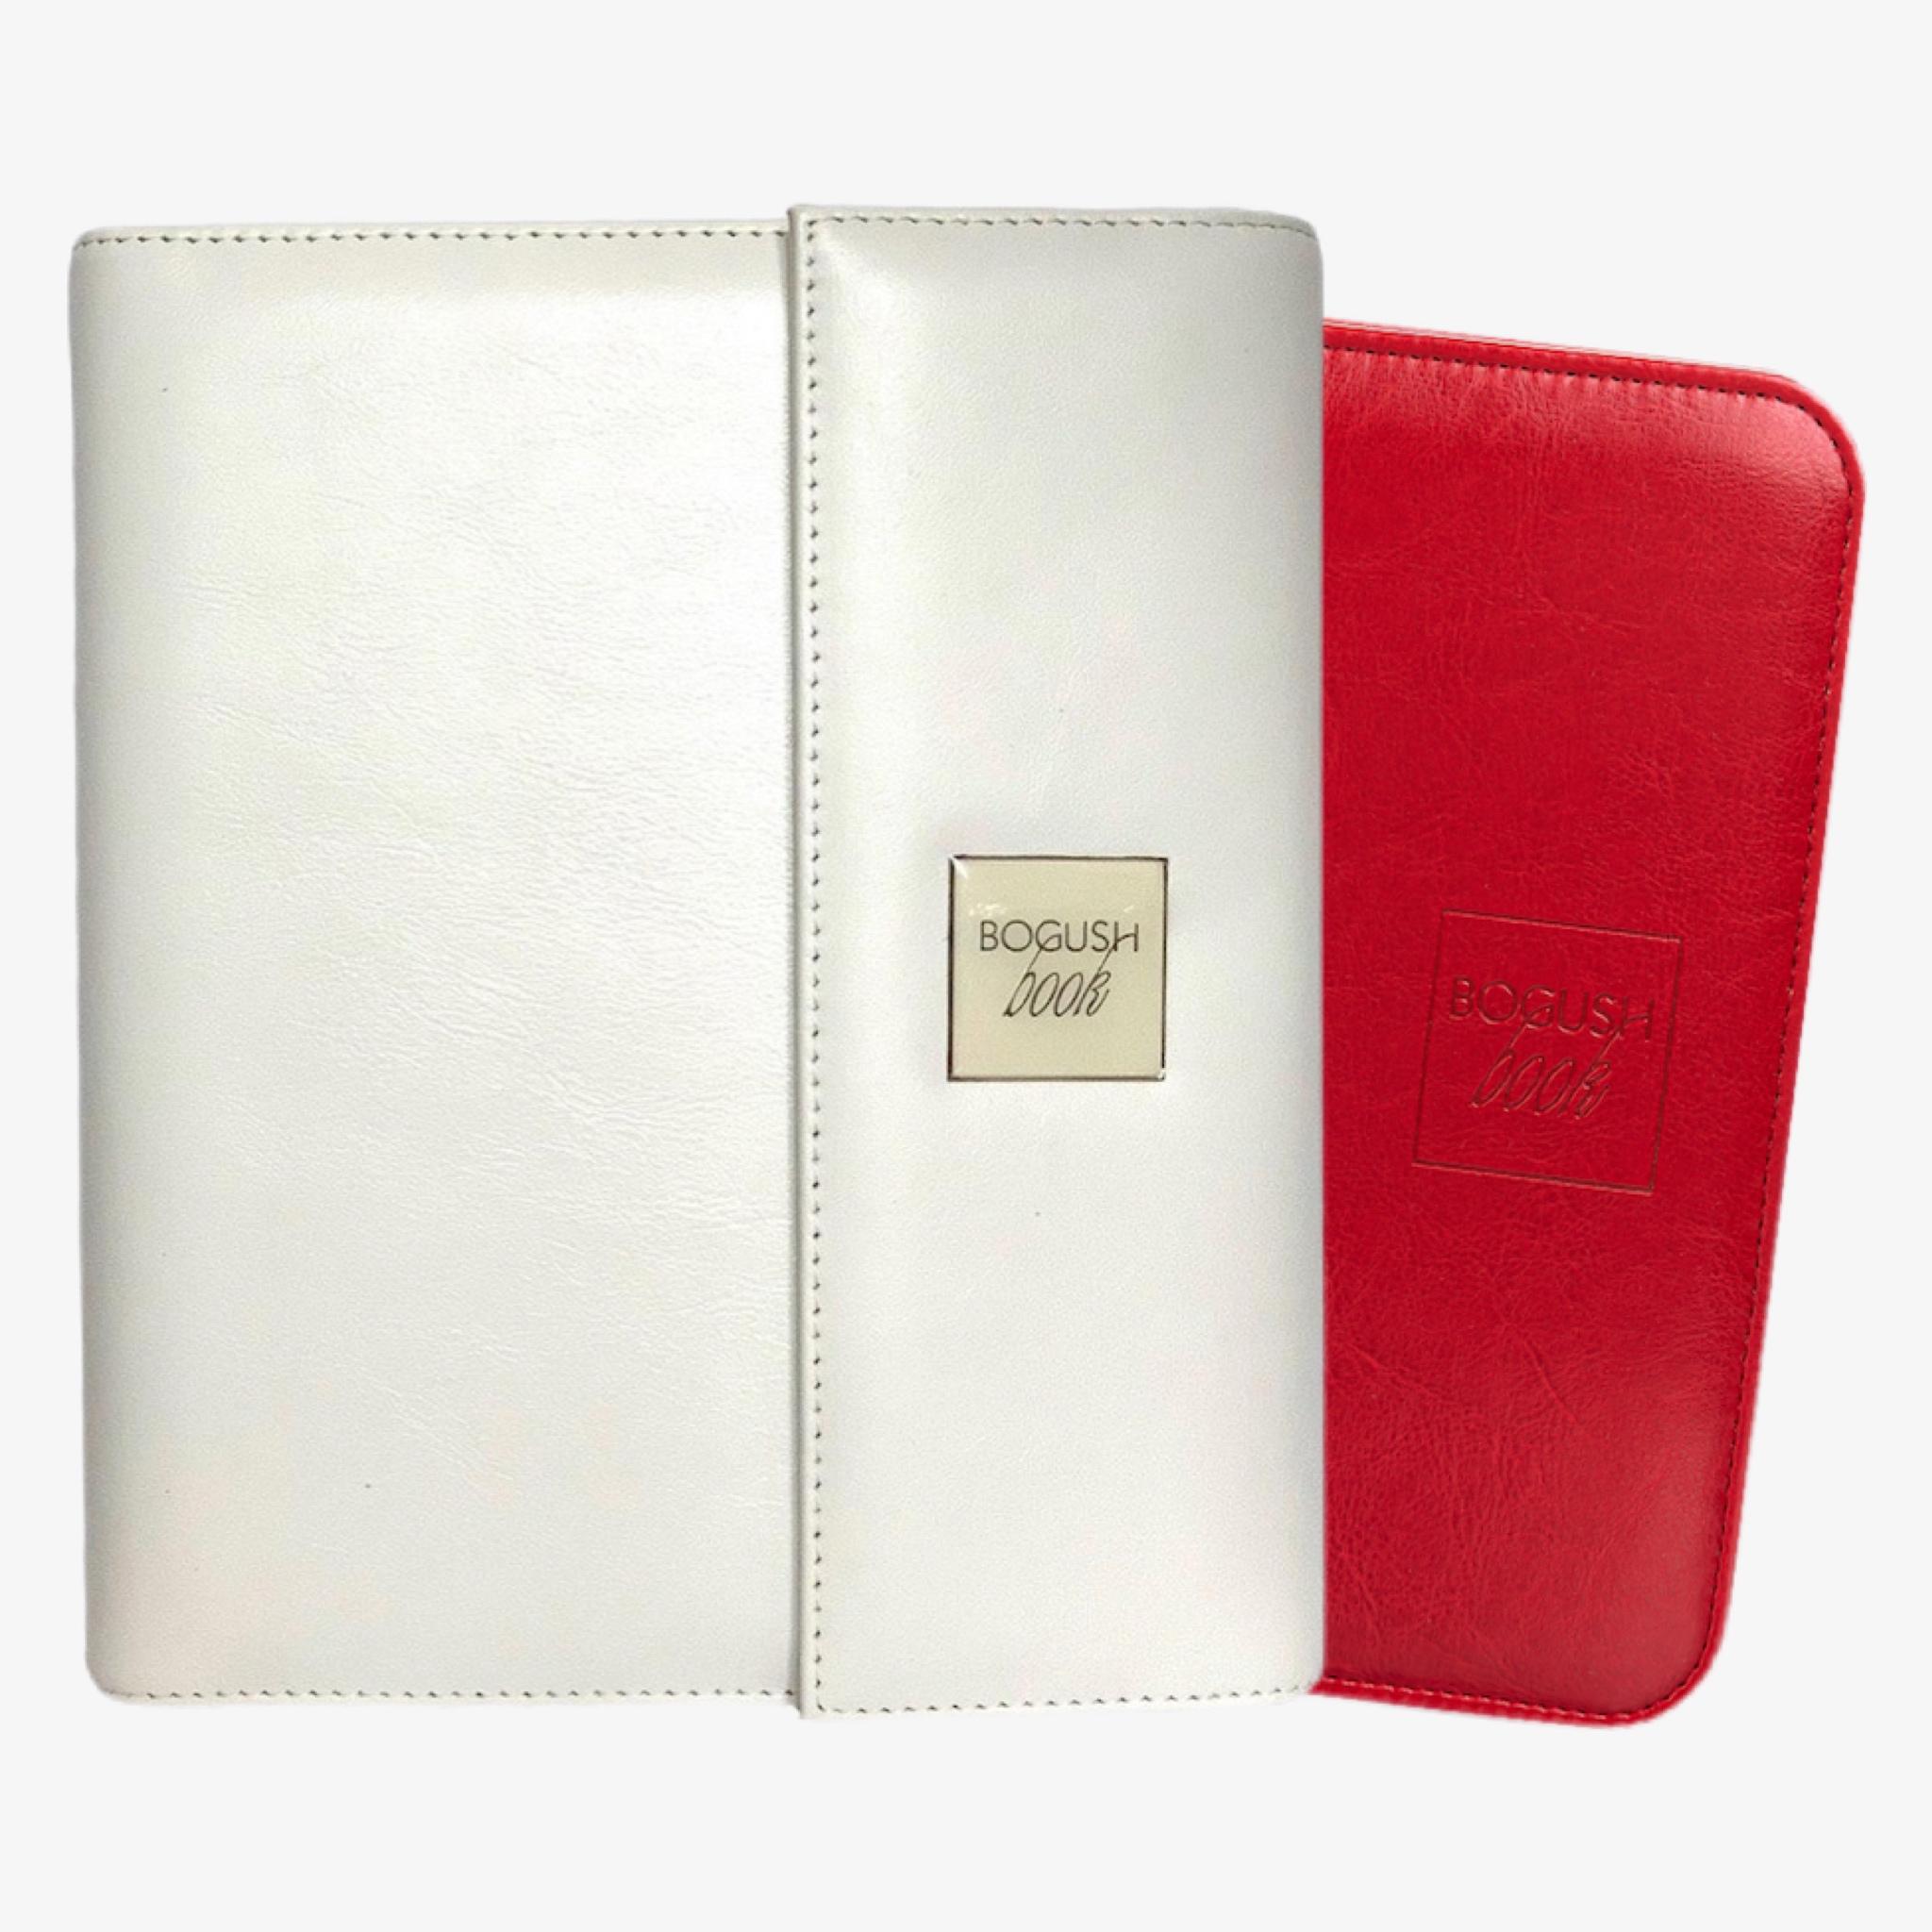 BogushBook из натуральной кожи + BogushBook из экокожи